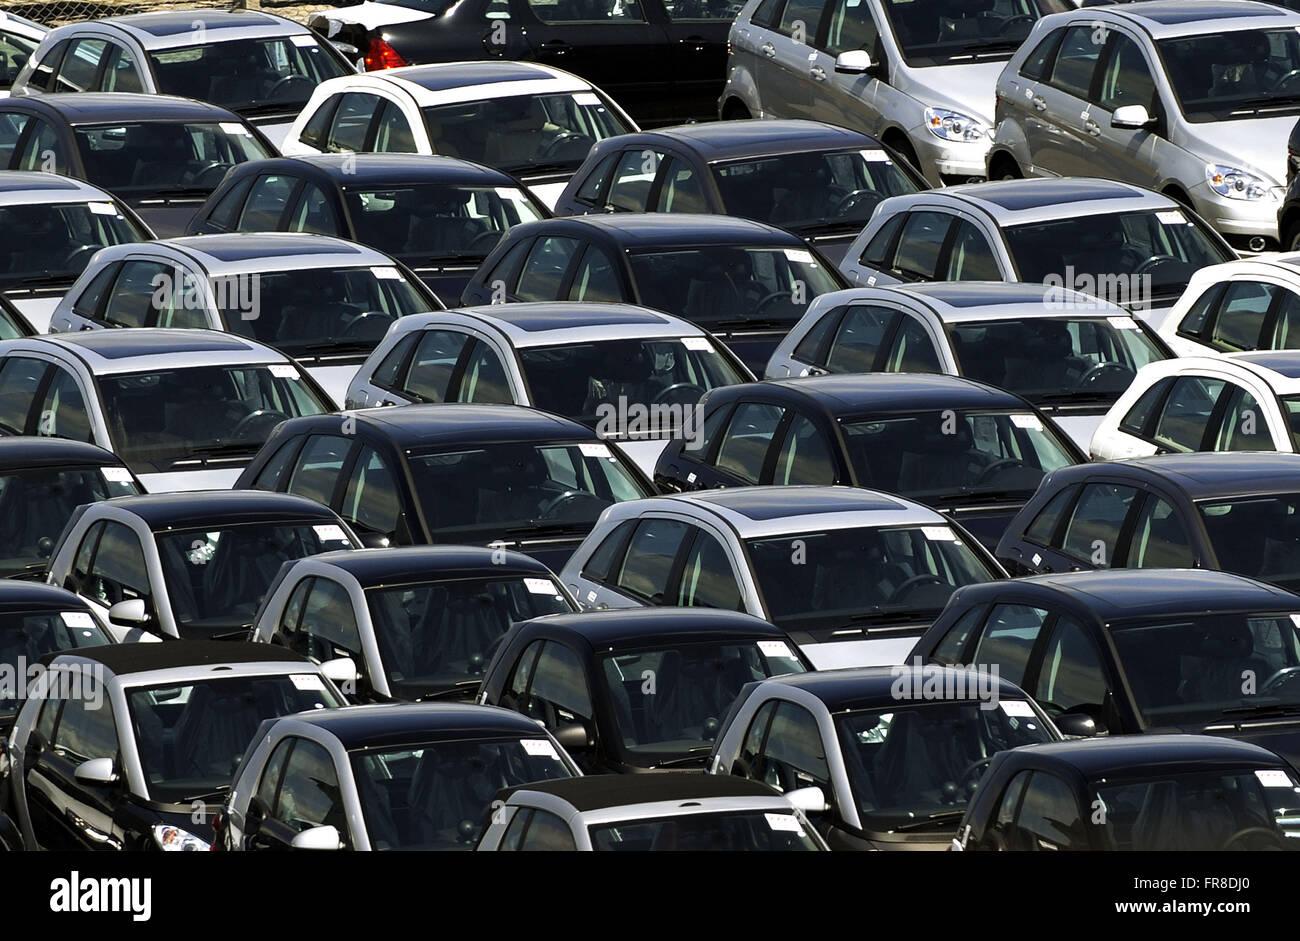 Port of Rio de Janeiro - Cars for export - Stock Image